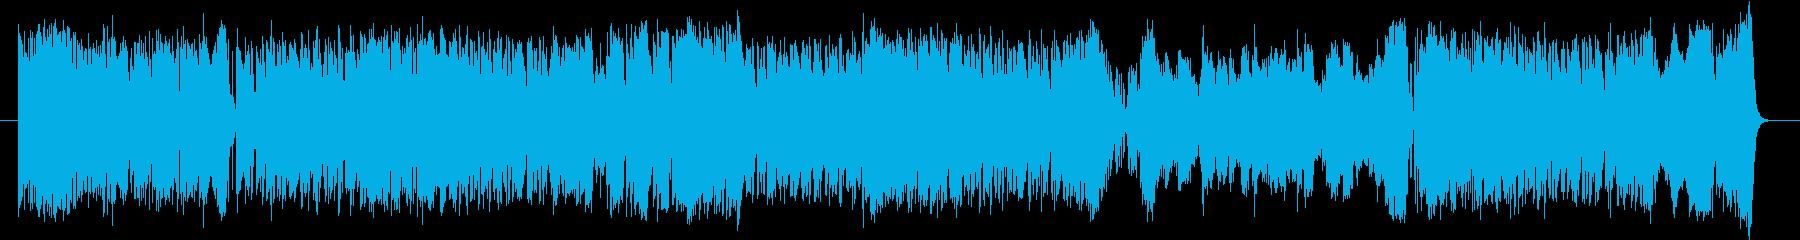 ミディアムテンポの4ビート楽曲と行進曲…の再生済みの波形